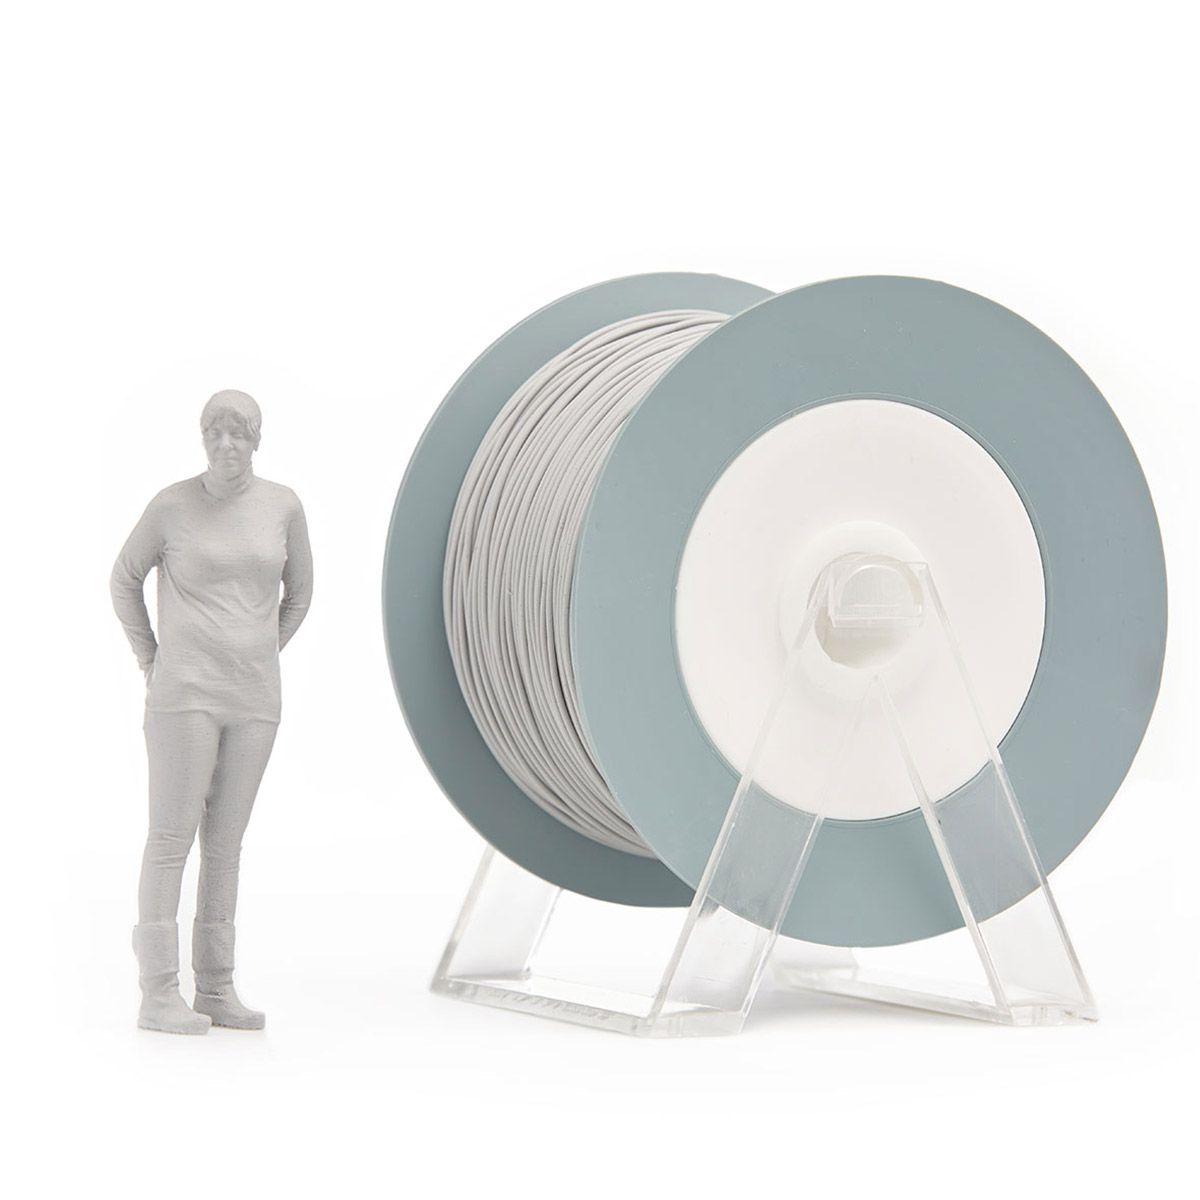 PLA Filament | Color: Concrete Effect